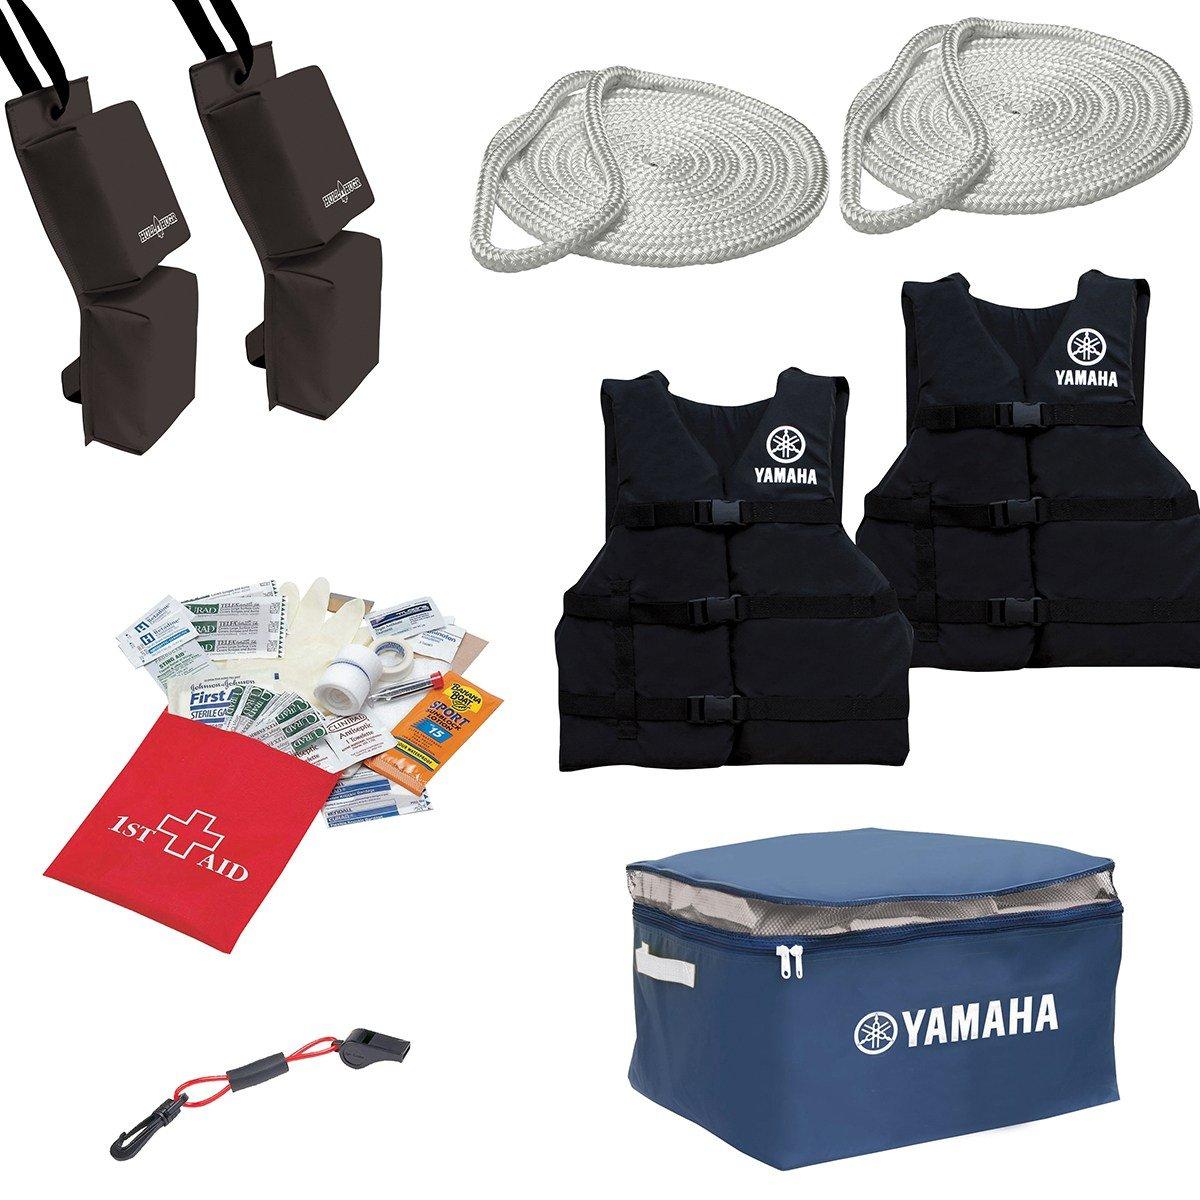 Yamaha OEM WaveRunner Starter Kit  Life Vests, Bumpes, Ropes, Storage Case   MWV-START-KT-08